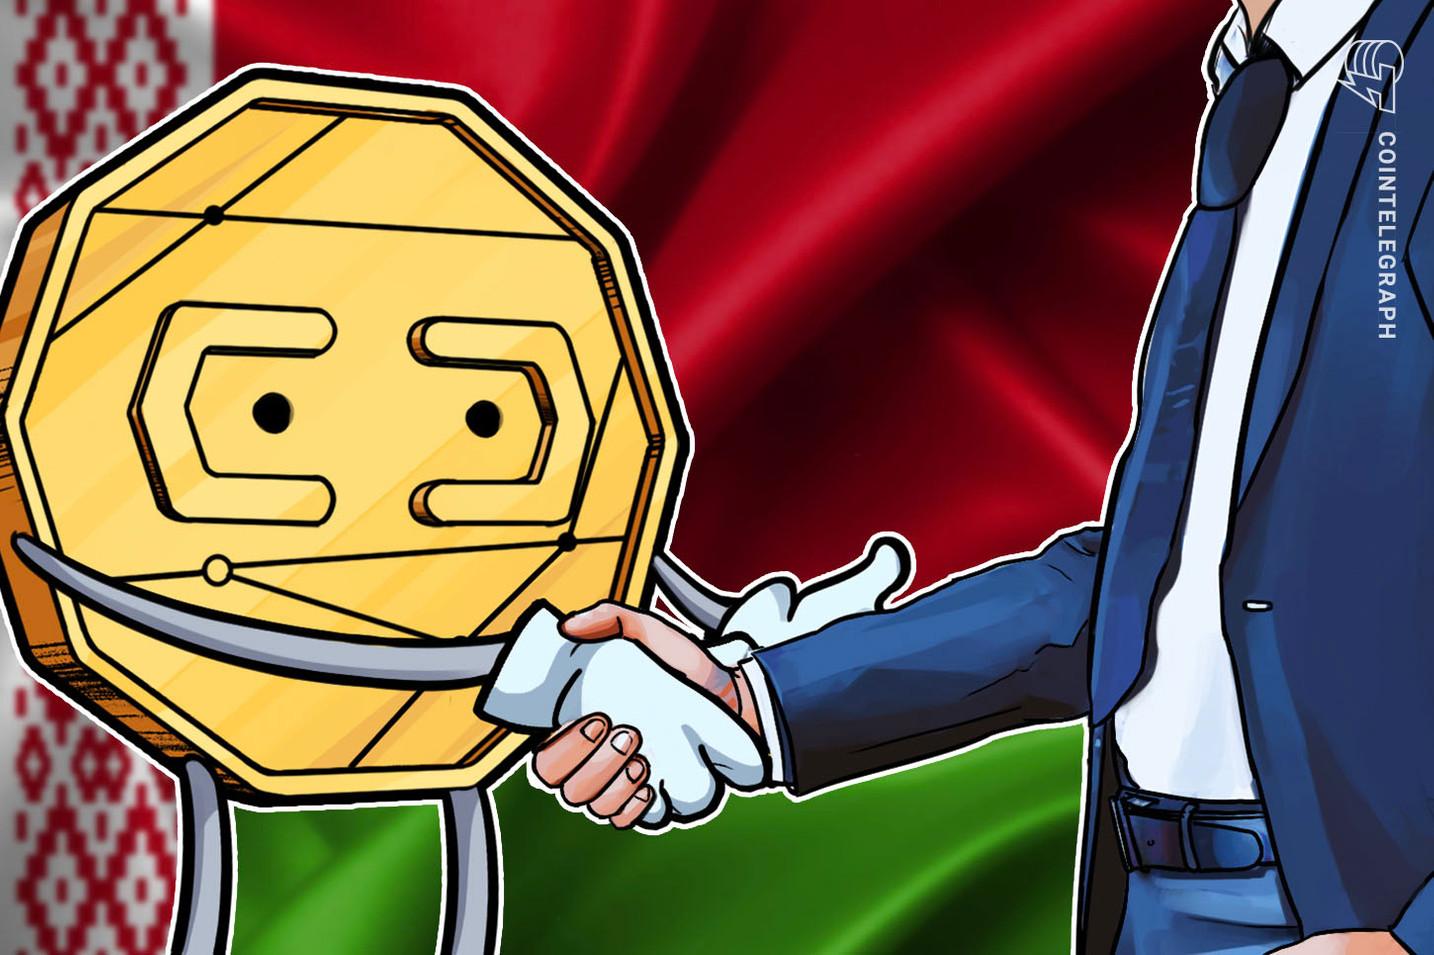 ベラルーシの証券取引所、国債をトークン化して提供